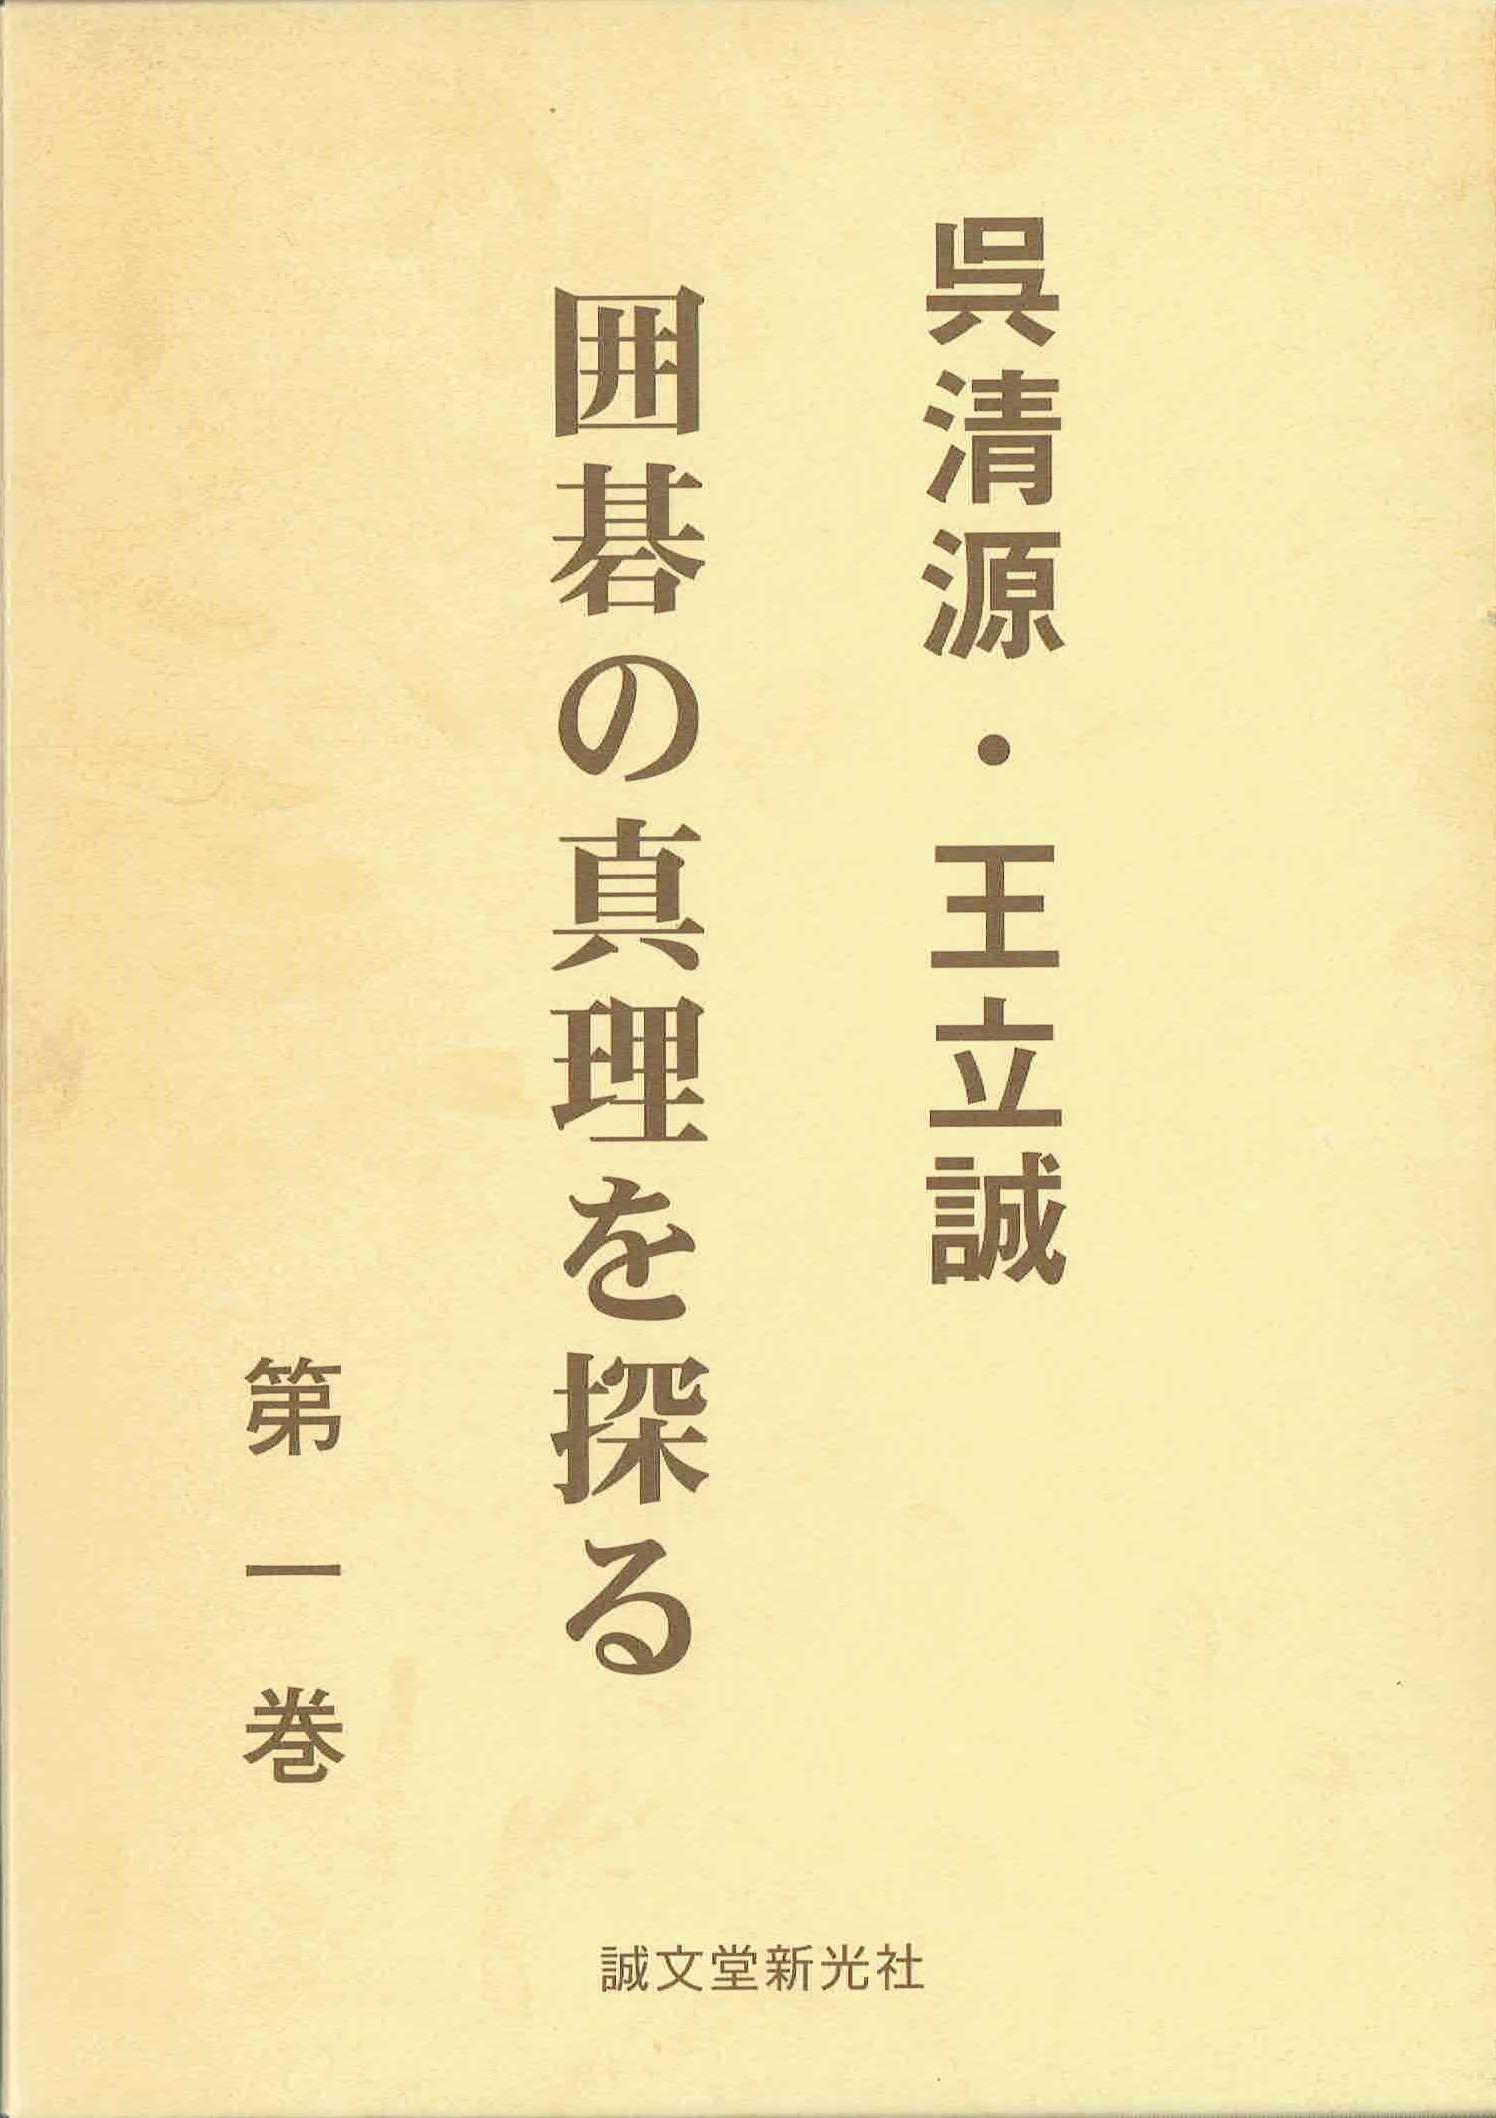 囲碁将棋の古本買取なら黒崎書店